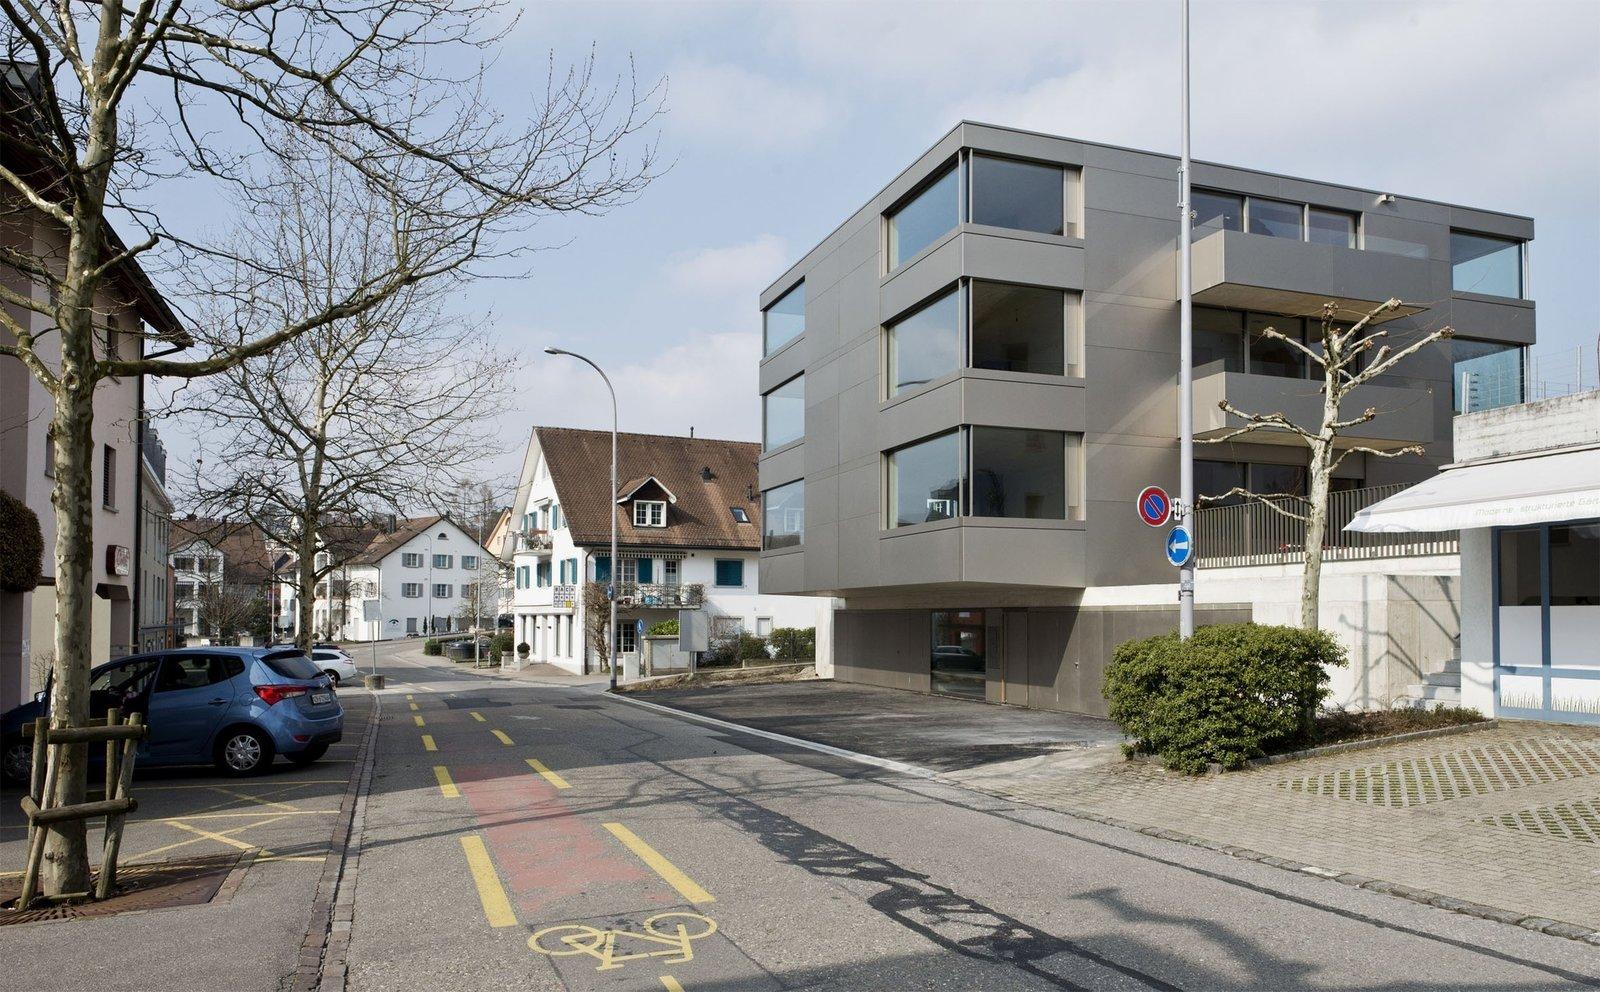 Photo 2 of 5 in Mehrfamilienhaus in Männedorf by Hurst Song Architekten